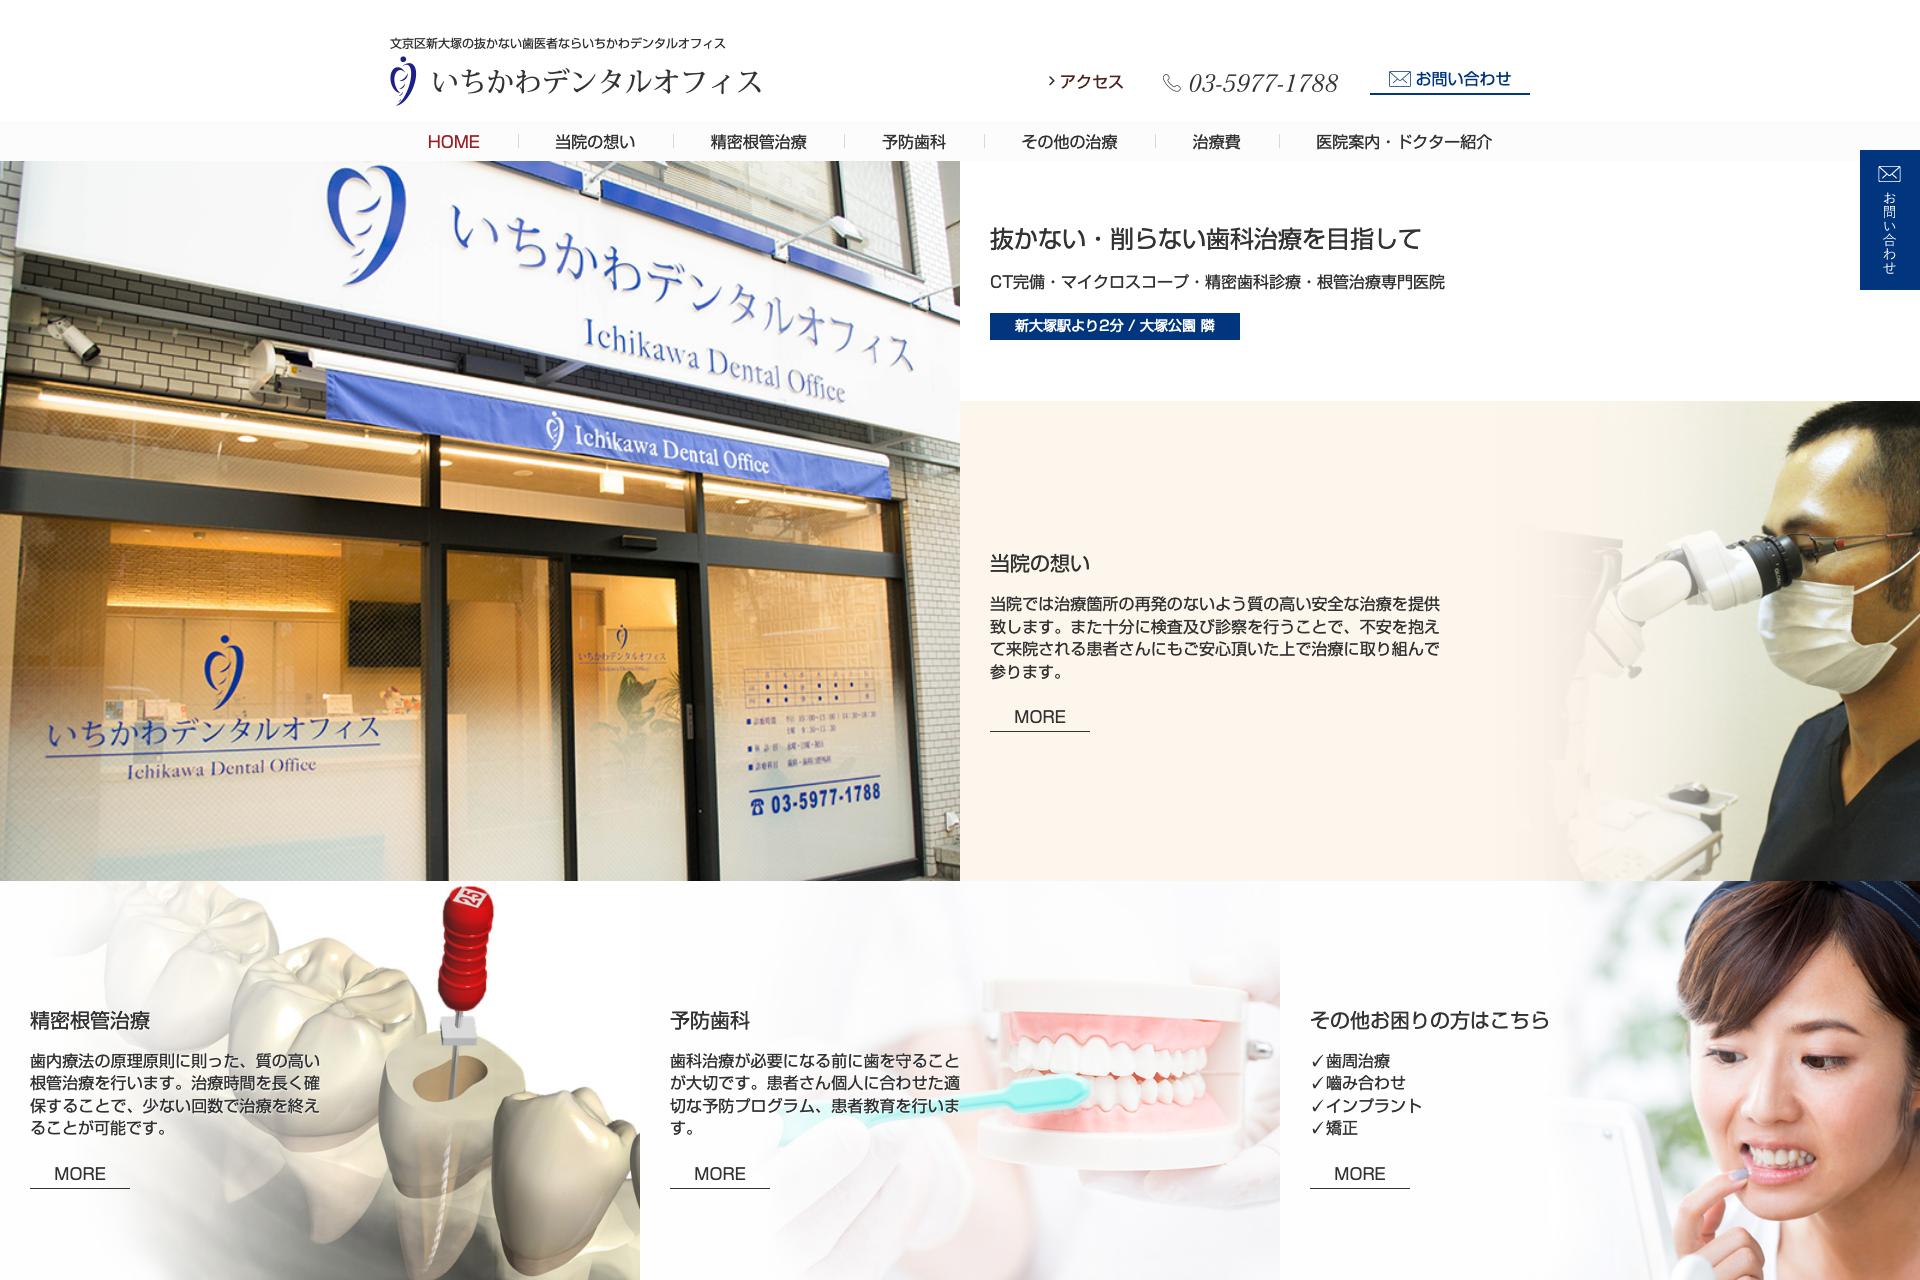 いちかわデンタルオフィス様【歯科医院】コーポレートサイト